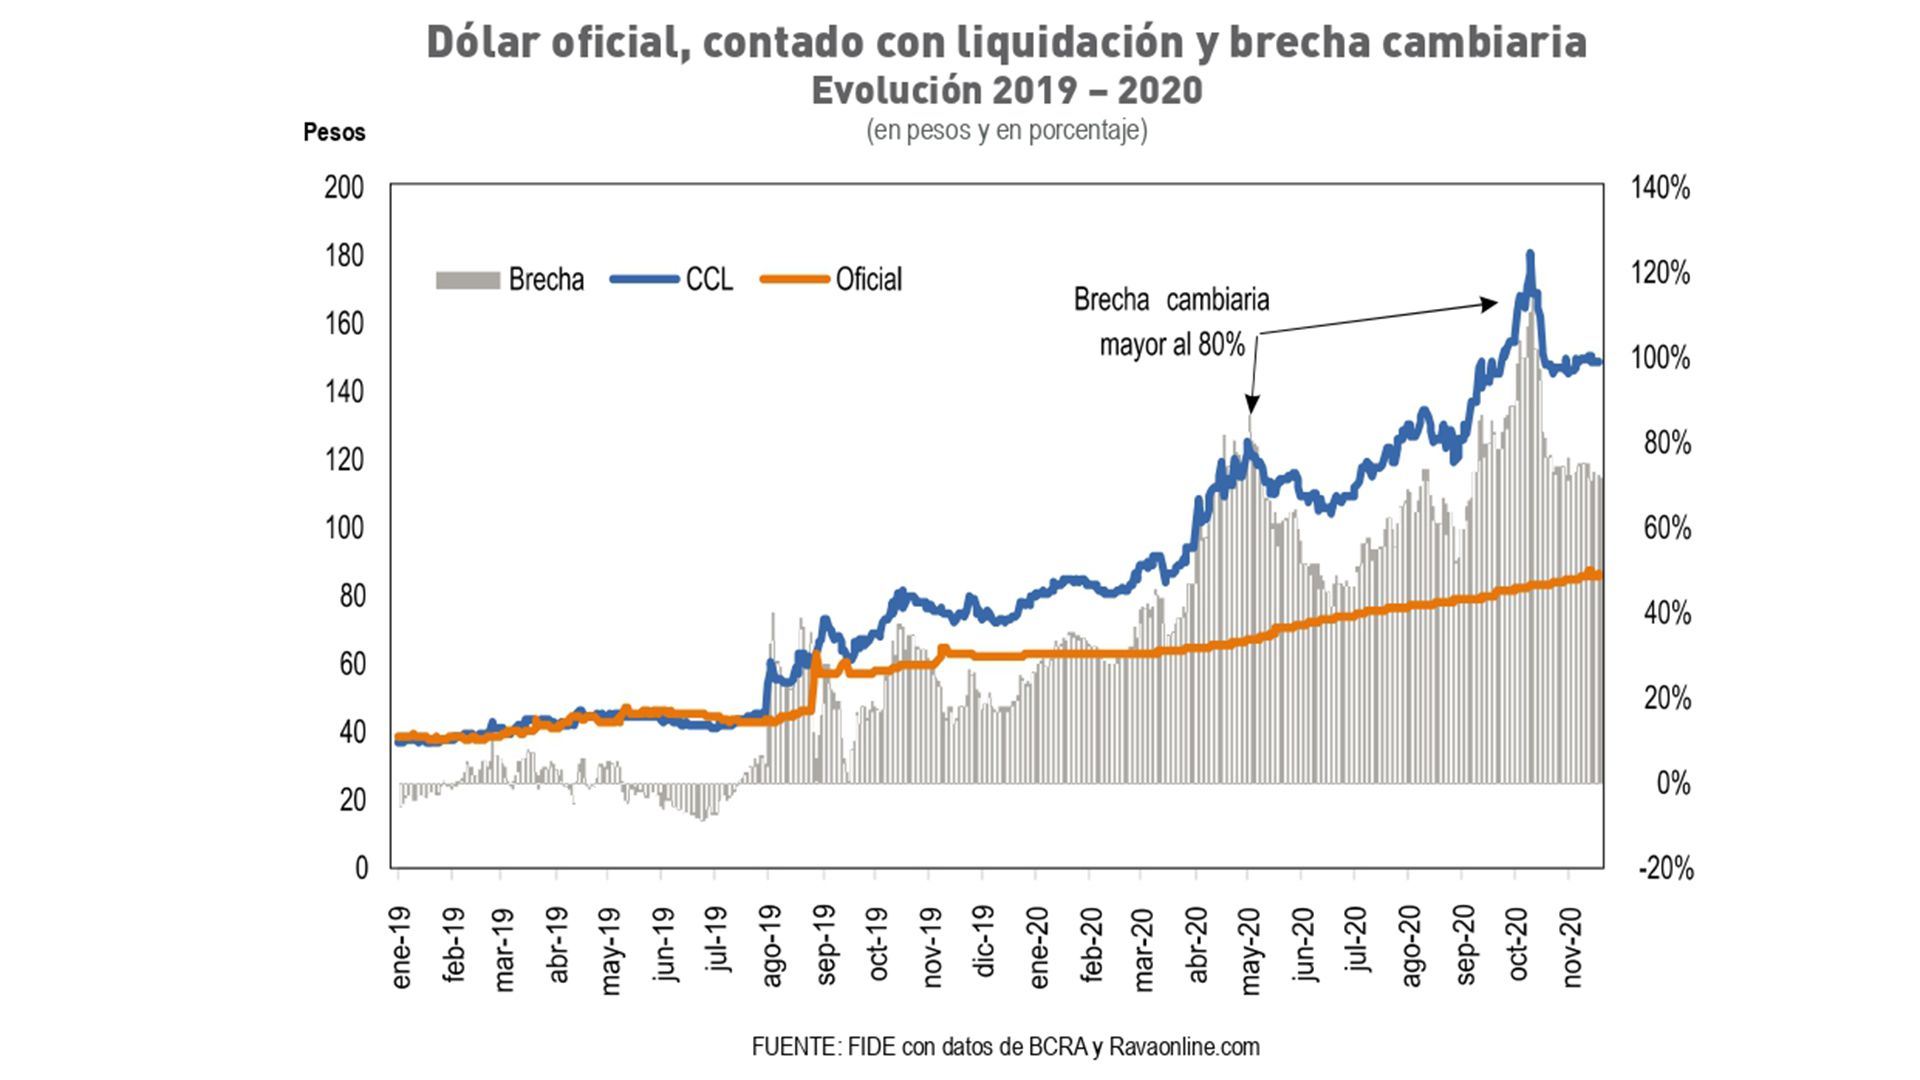 Dólar oficial, contado con liquidación y brecha cambiaria Evolución 2019 – 2020 (en pesos y en porcentaje)